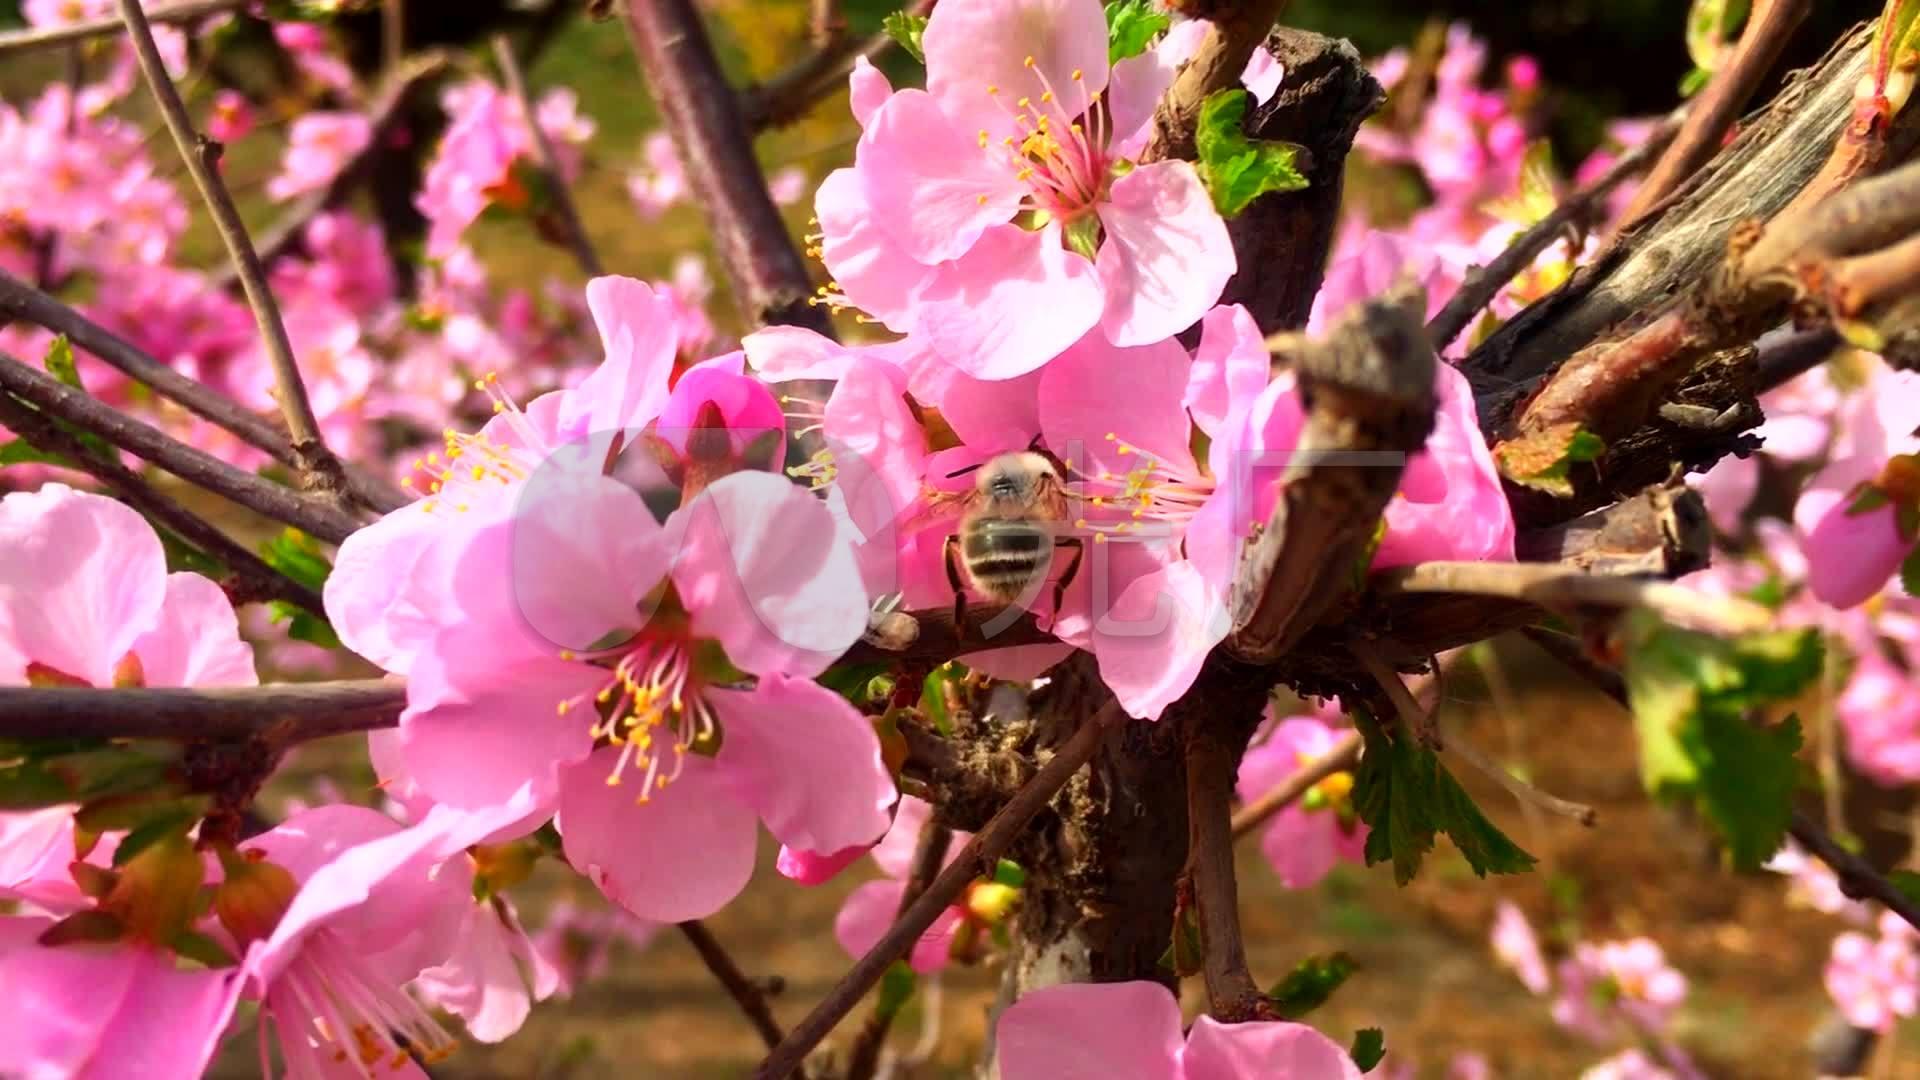 蜜蜂及花蕊春天桃花开了蜜蜂